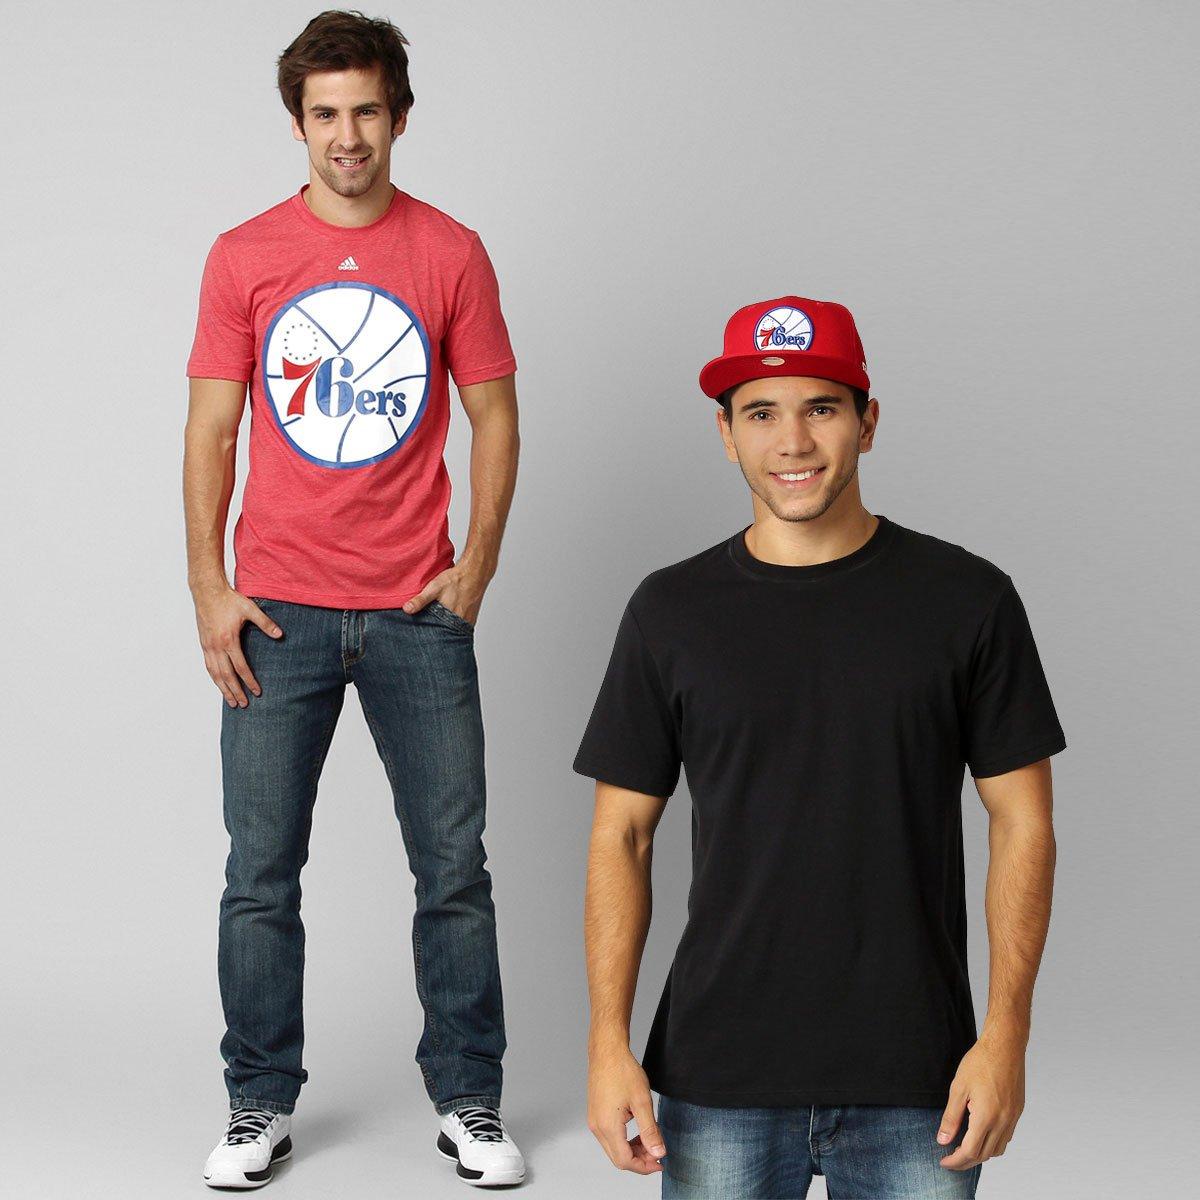 67b5a9c90 Kit - Camiseta Adidas Classics - Philadelphia 76ERS + Boné New Era NBA 5950  Philadelphia 76ERS - Compre Agora